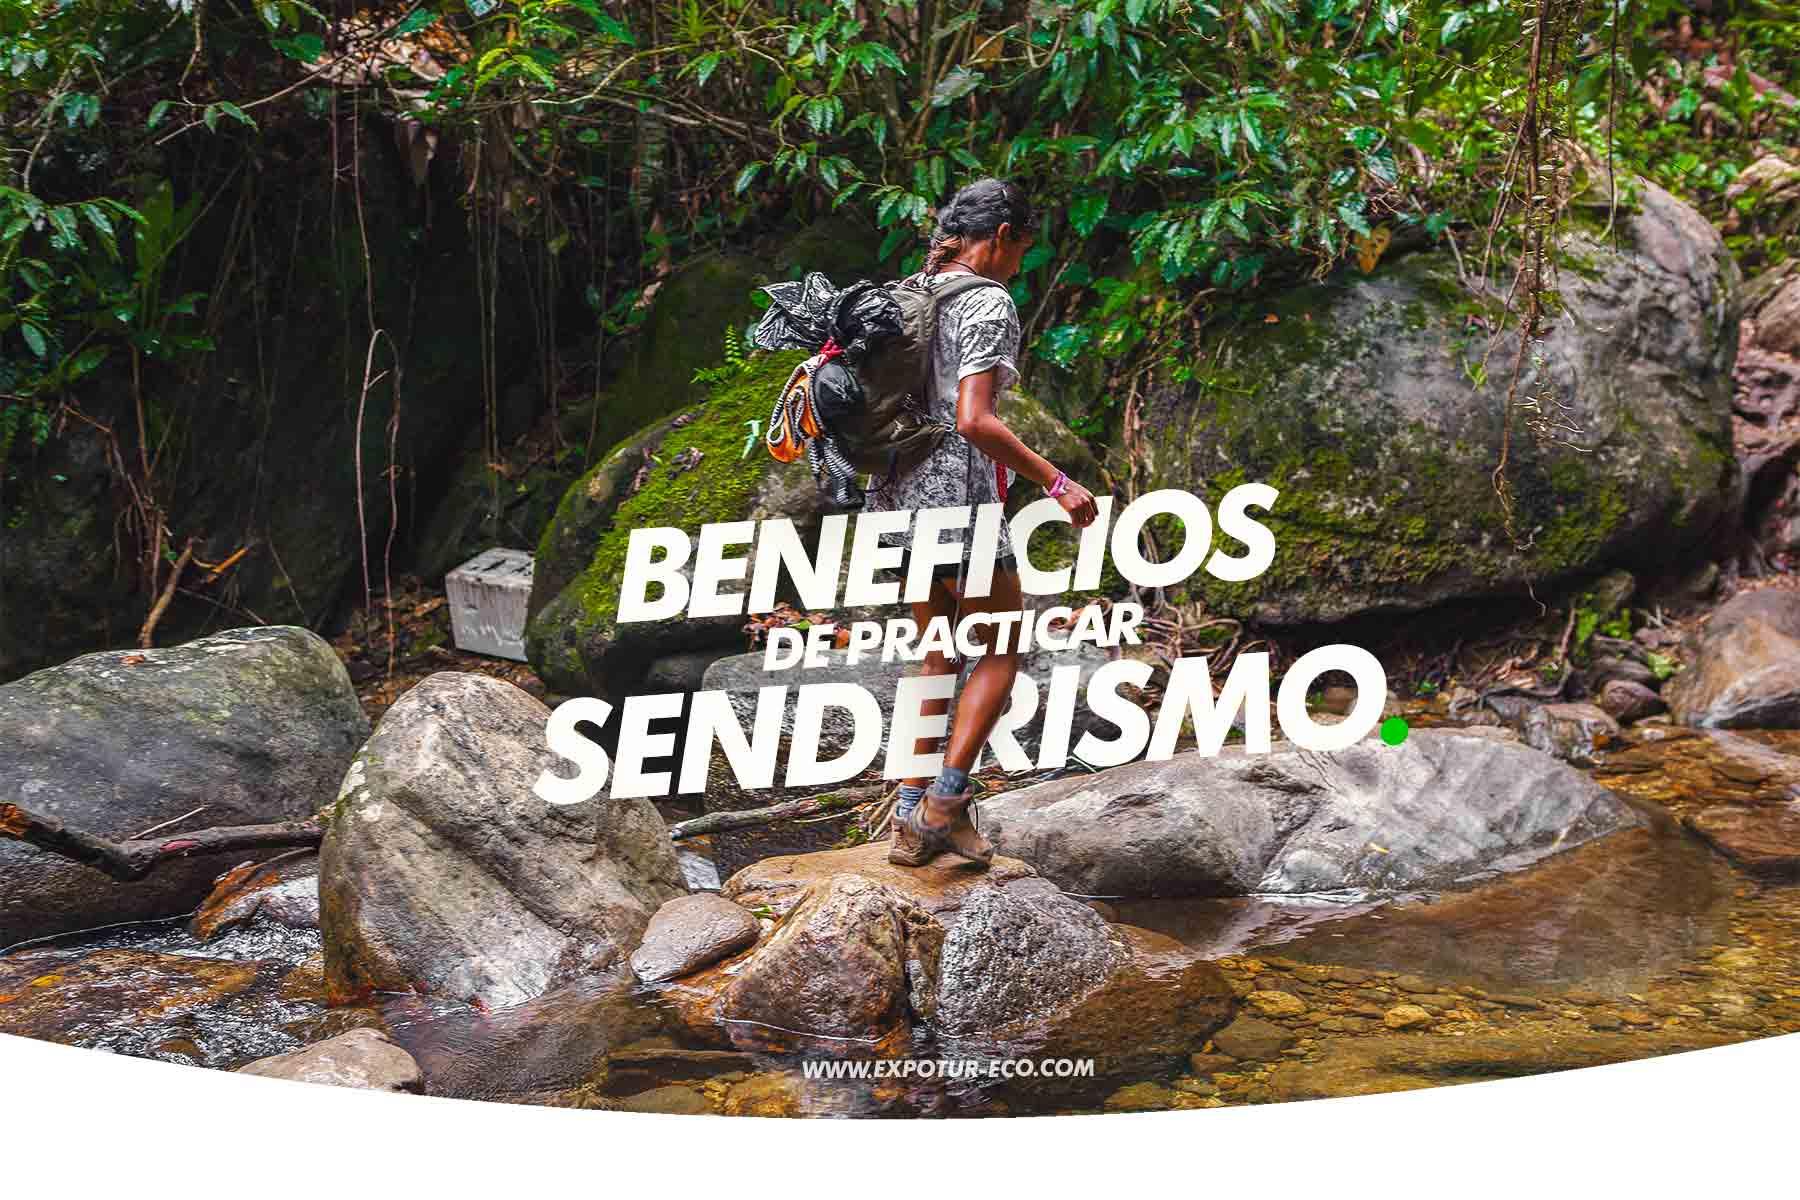 beneficios-de-practicar-senderismo-expotur-lost-city-trek-colombia